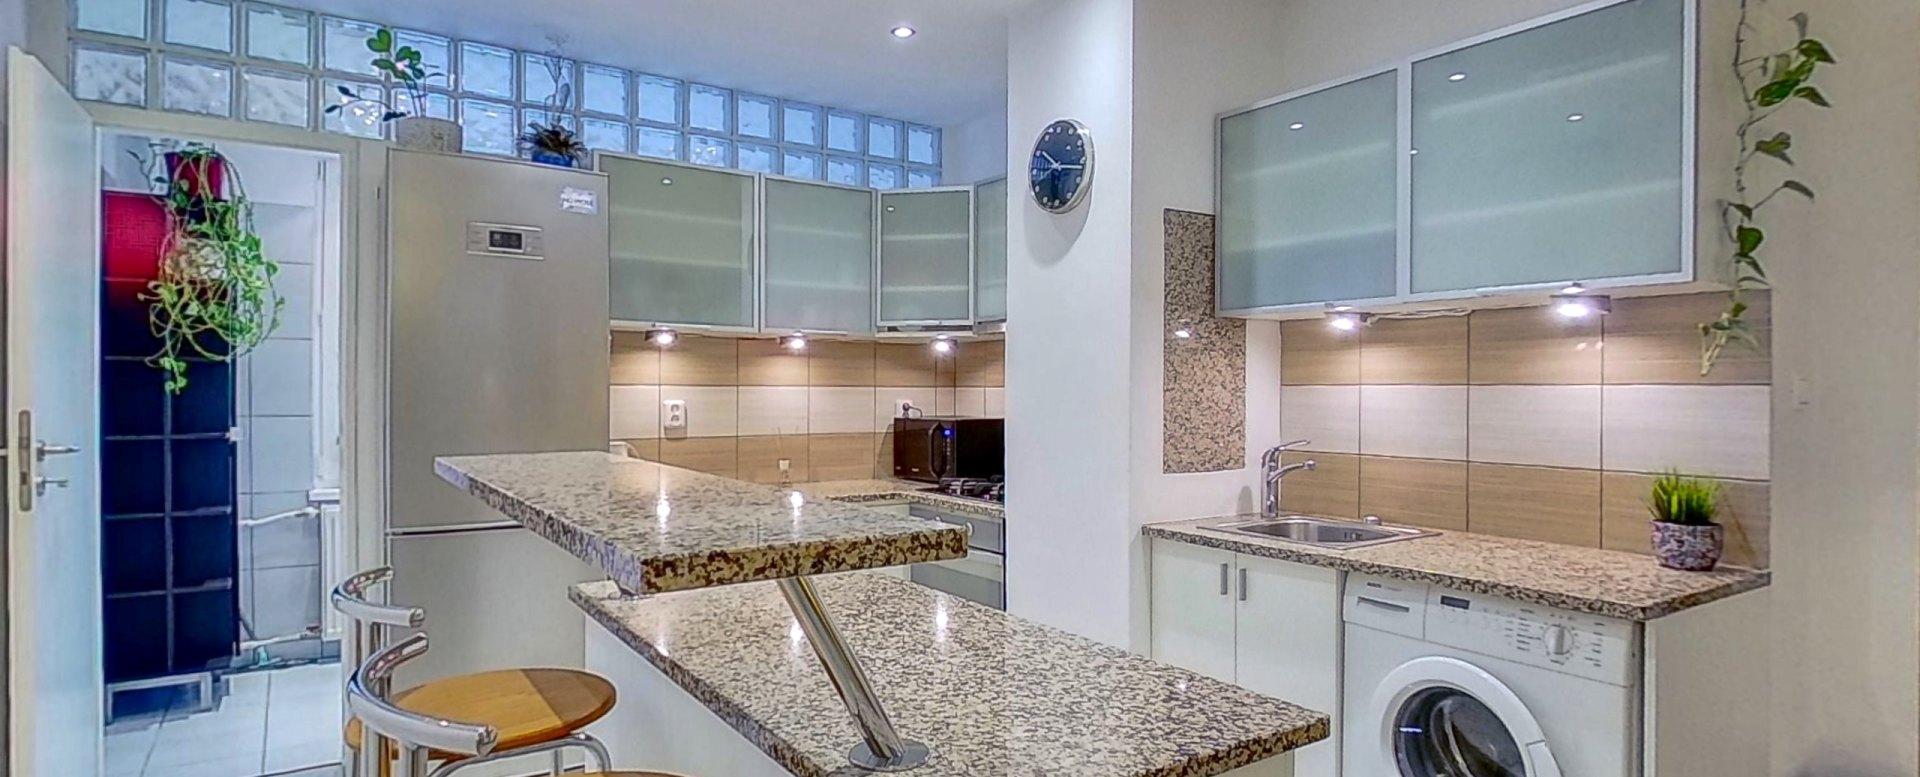 Pohľad na kuchyňu a vstup do kúpeľne